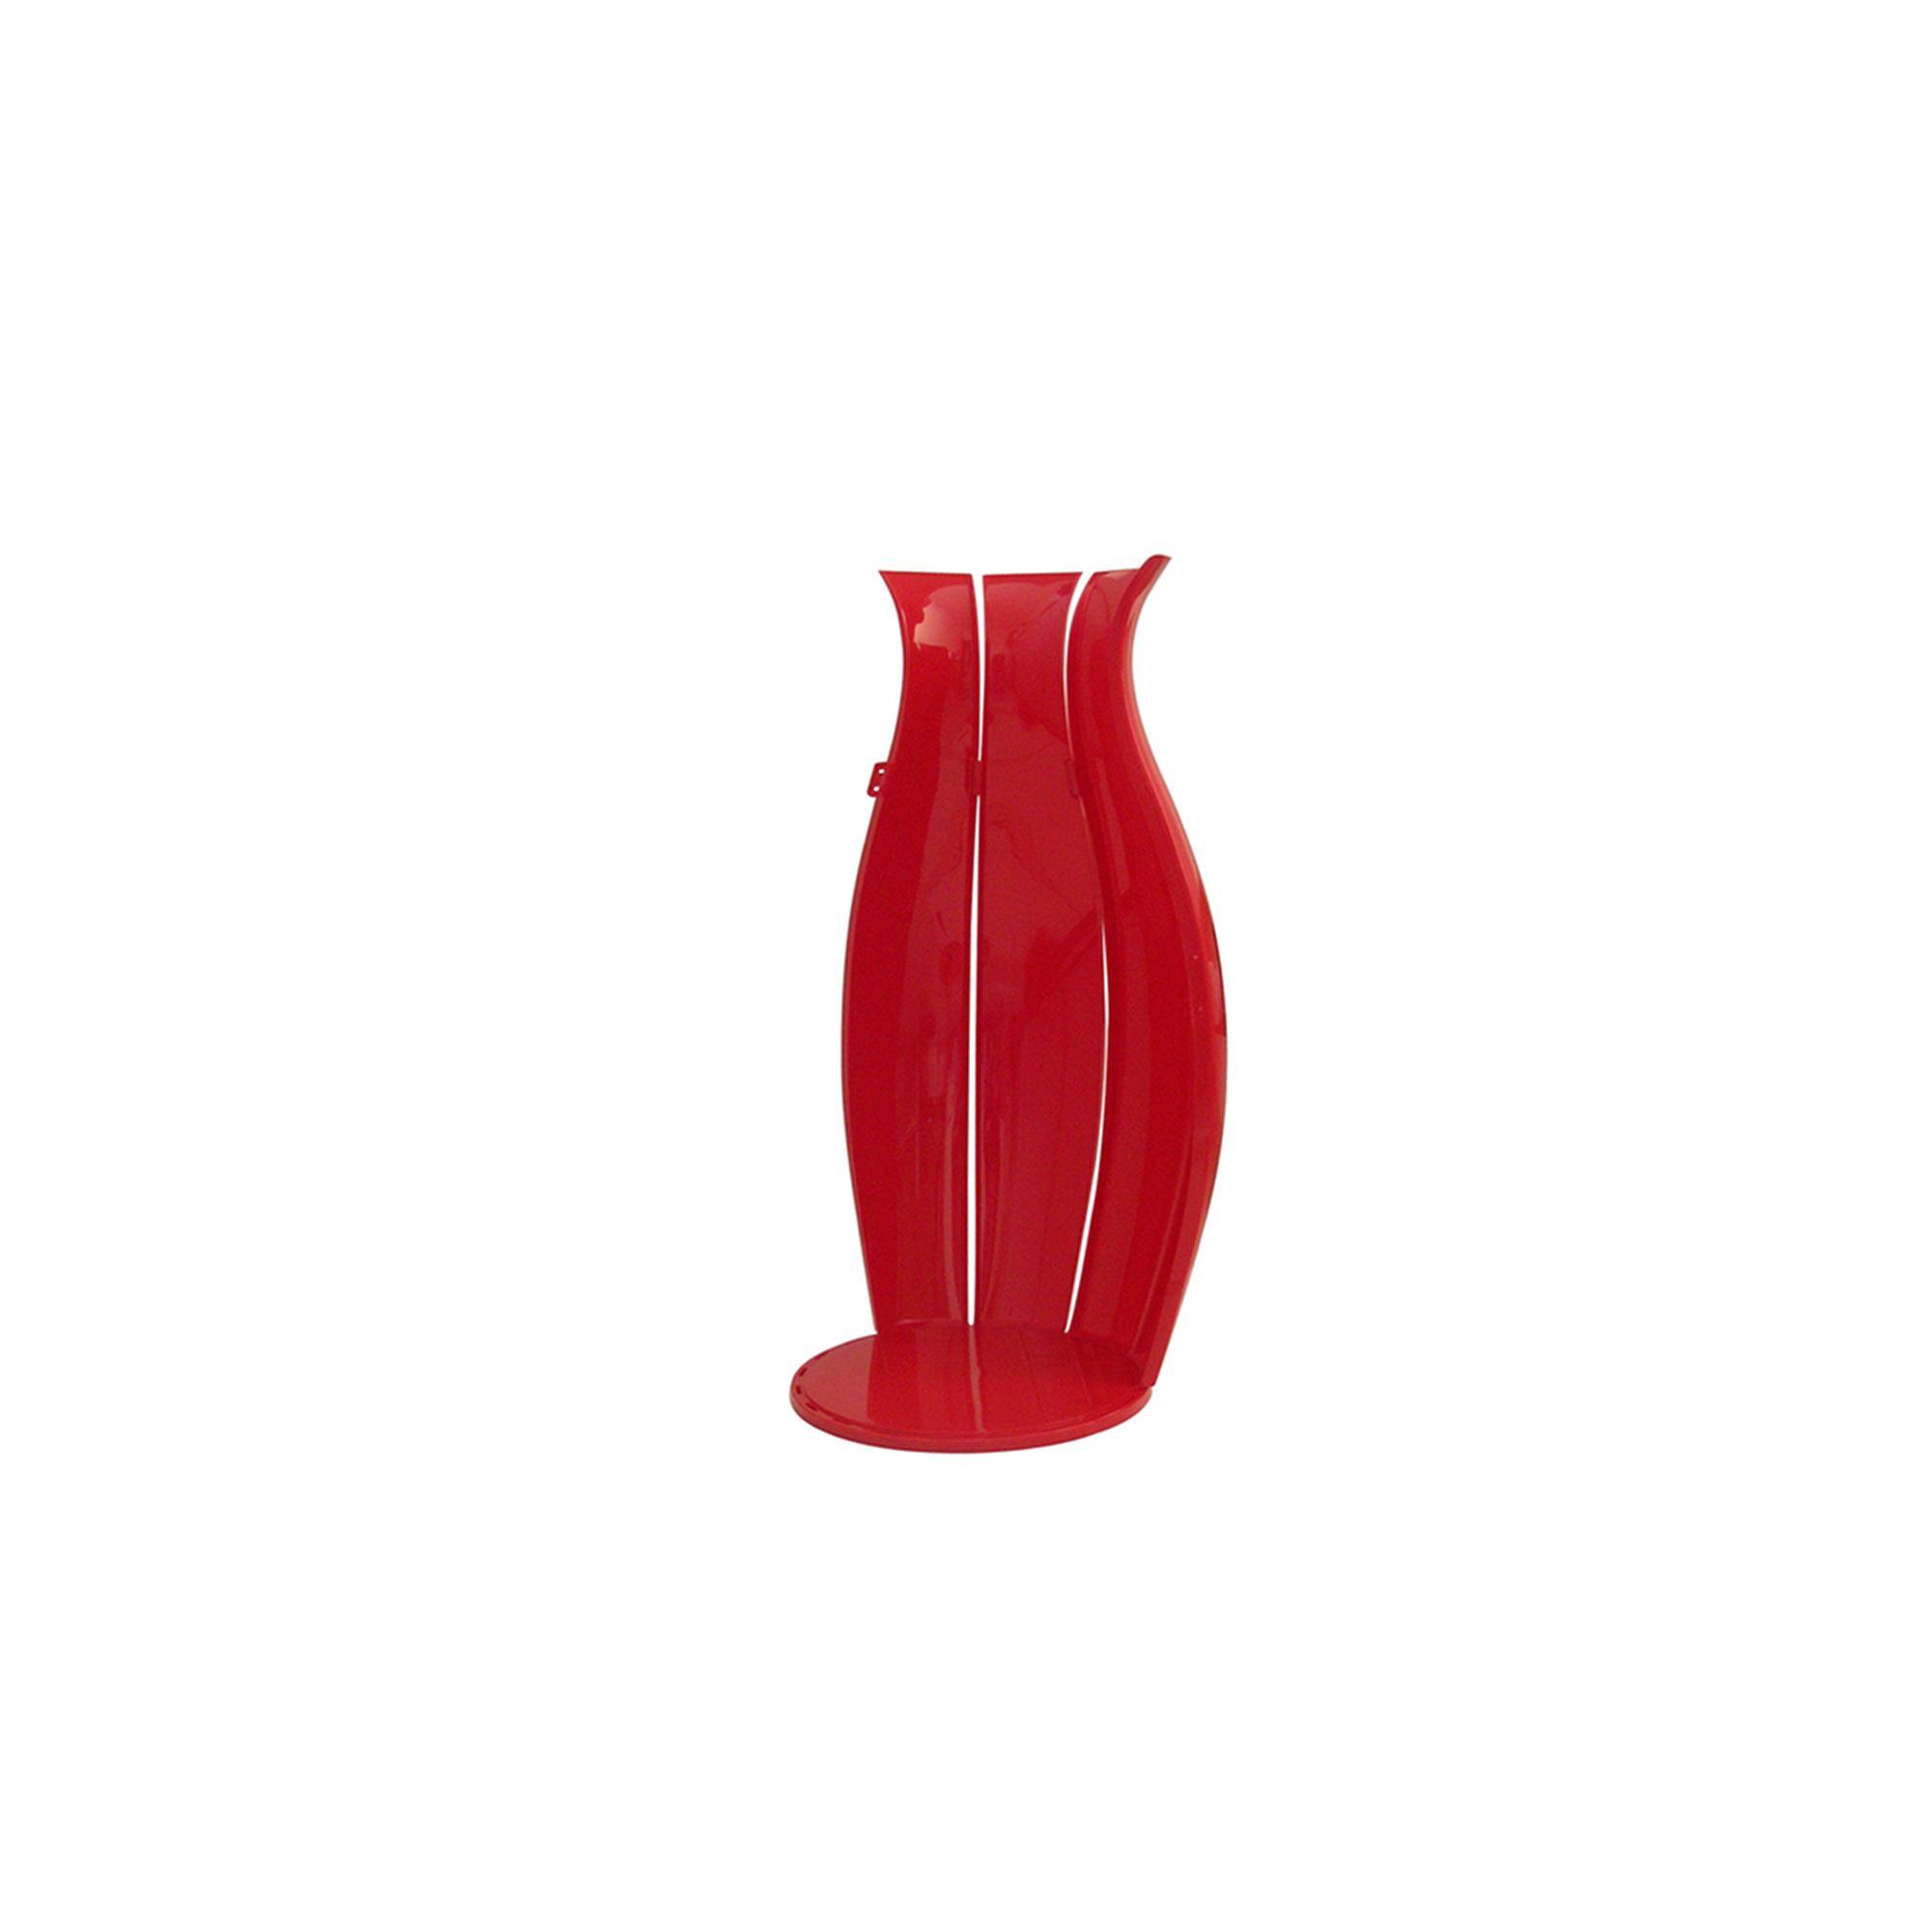 Portabiancheria Sporca Guzzini.Portabiancheria Ninfea Diametro 43xh65 Cm 63 Lt Rosso Lucido In Materiale Plastico Guzzini